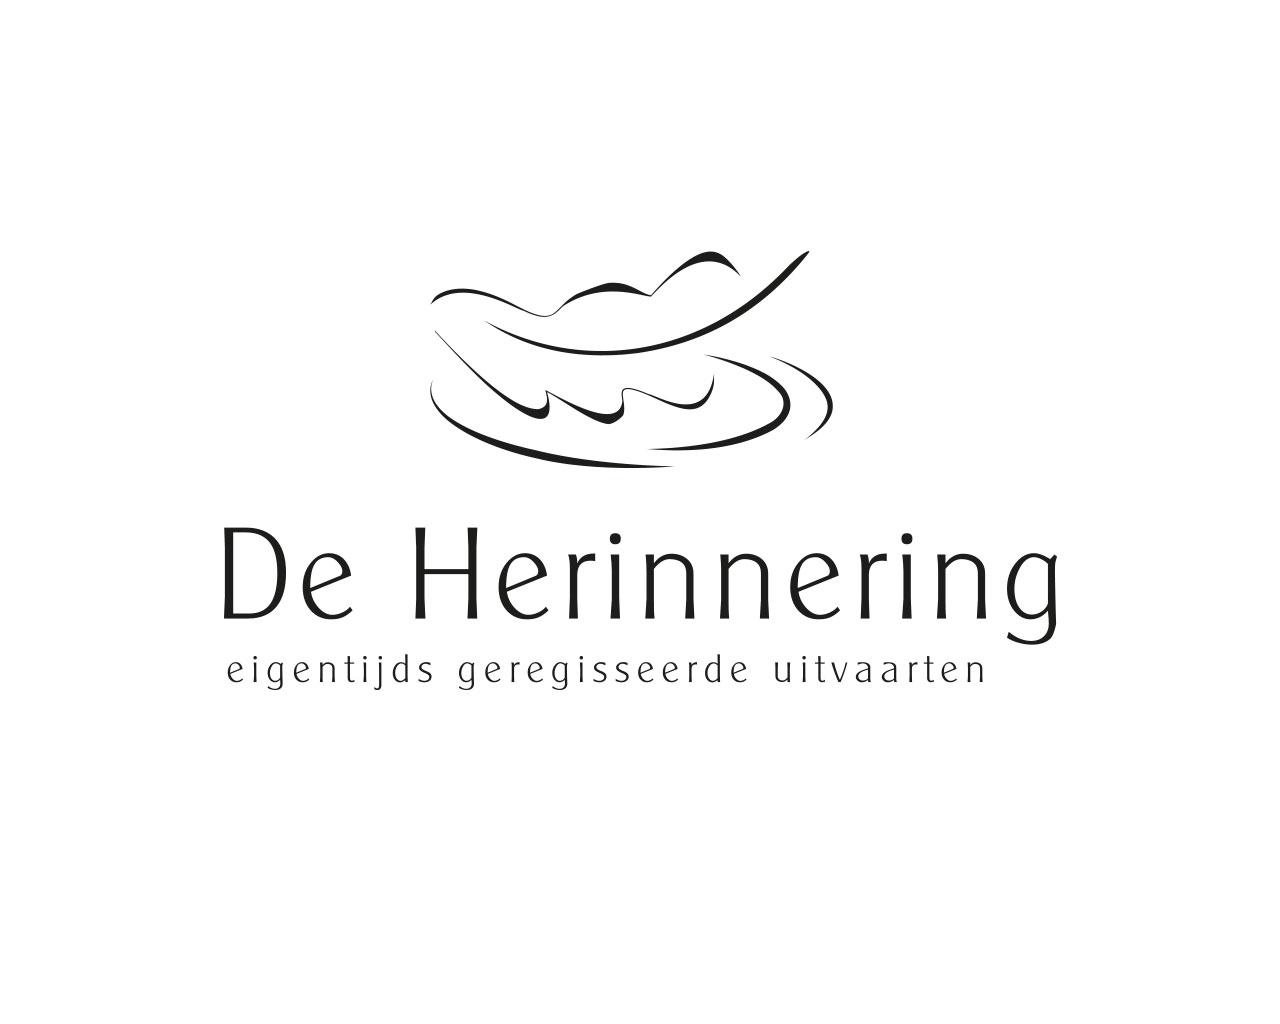 logo de herinnering